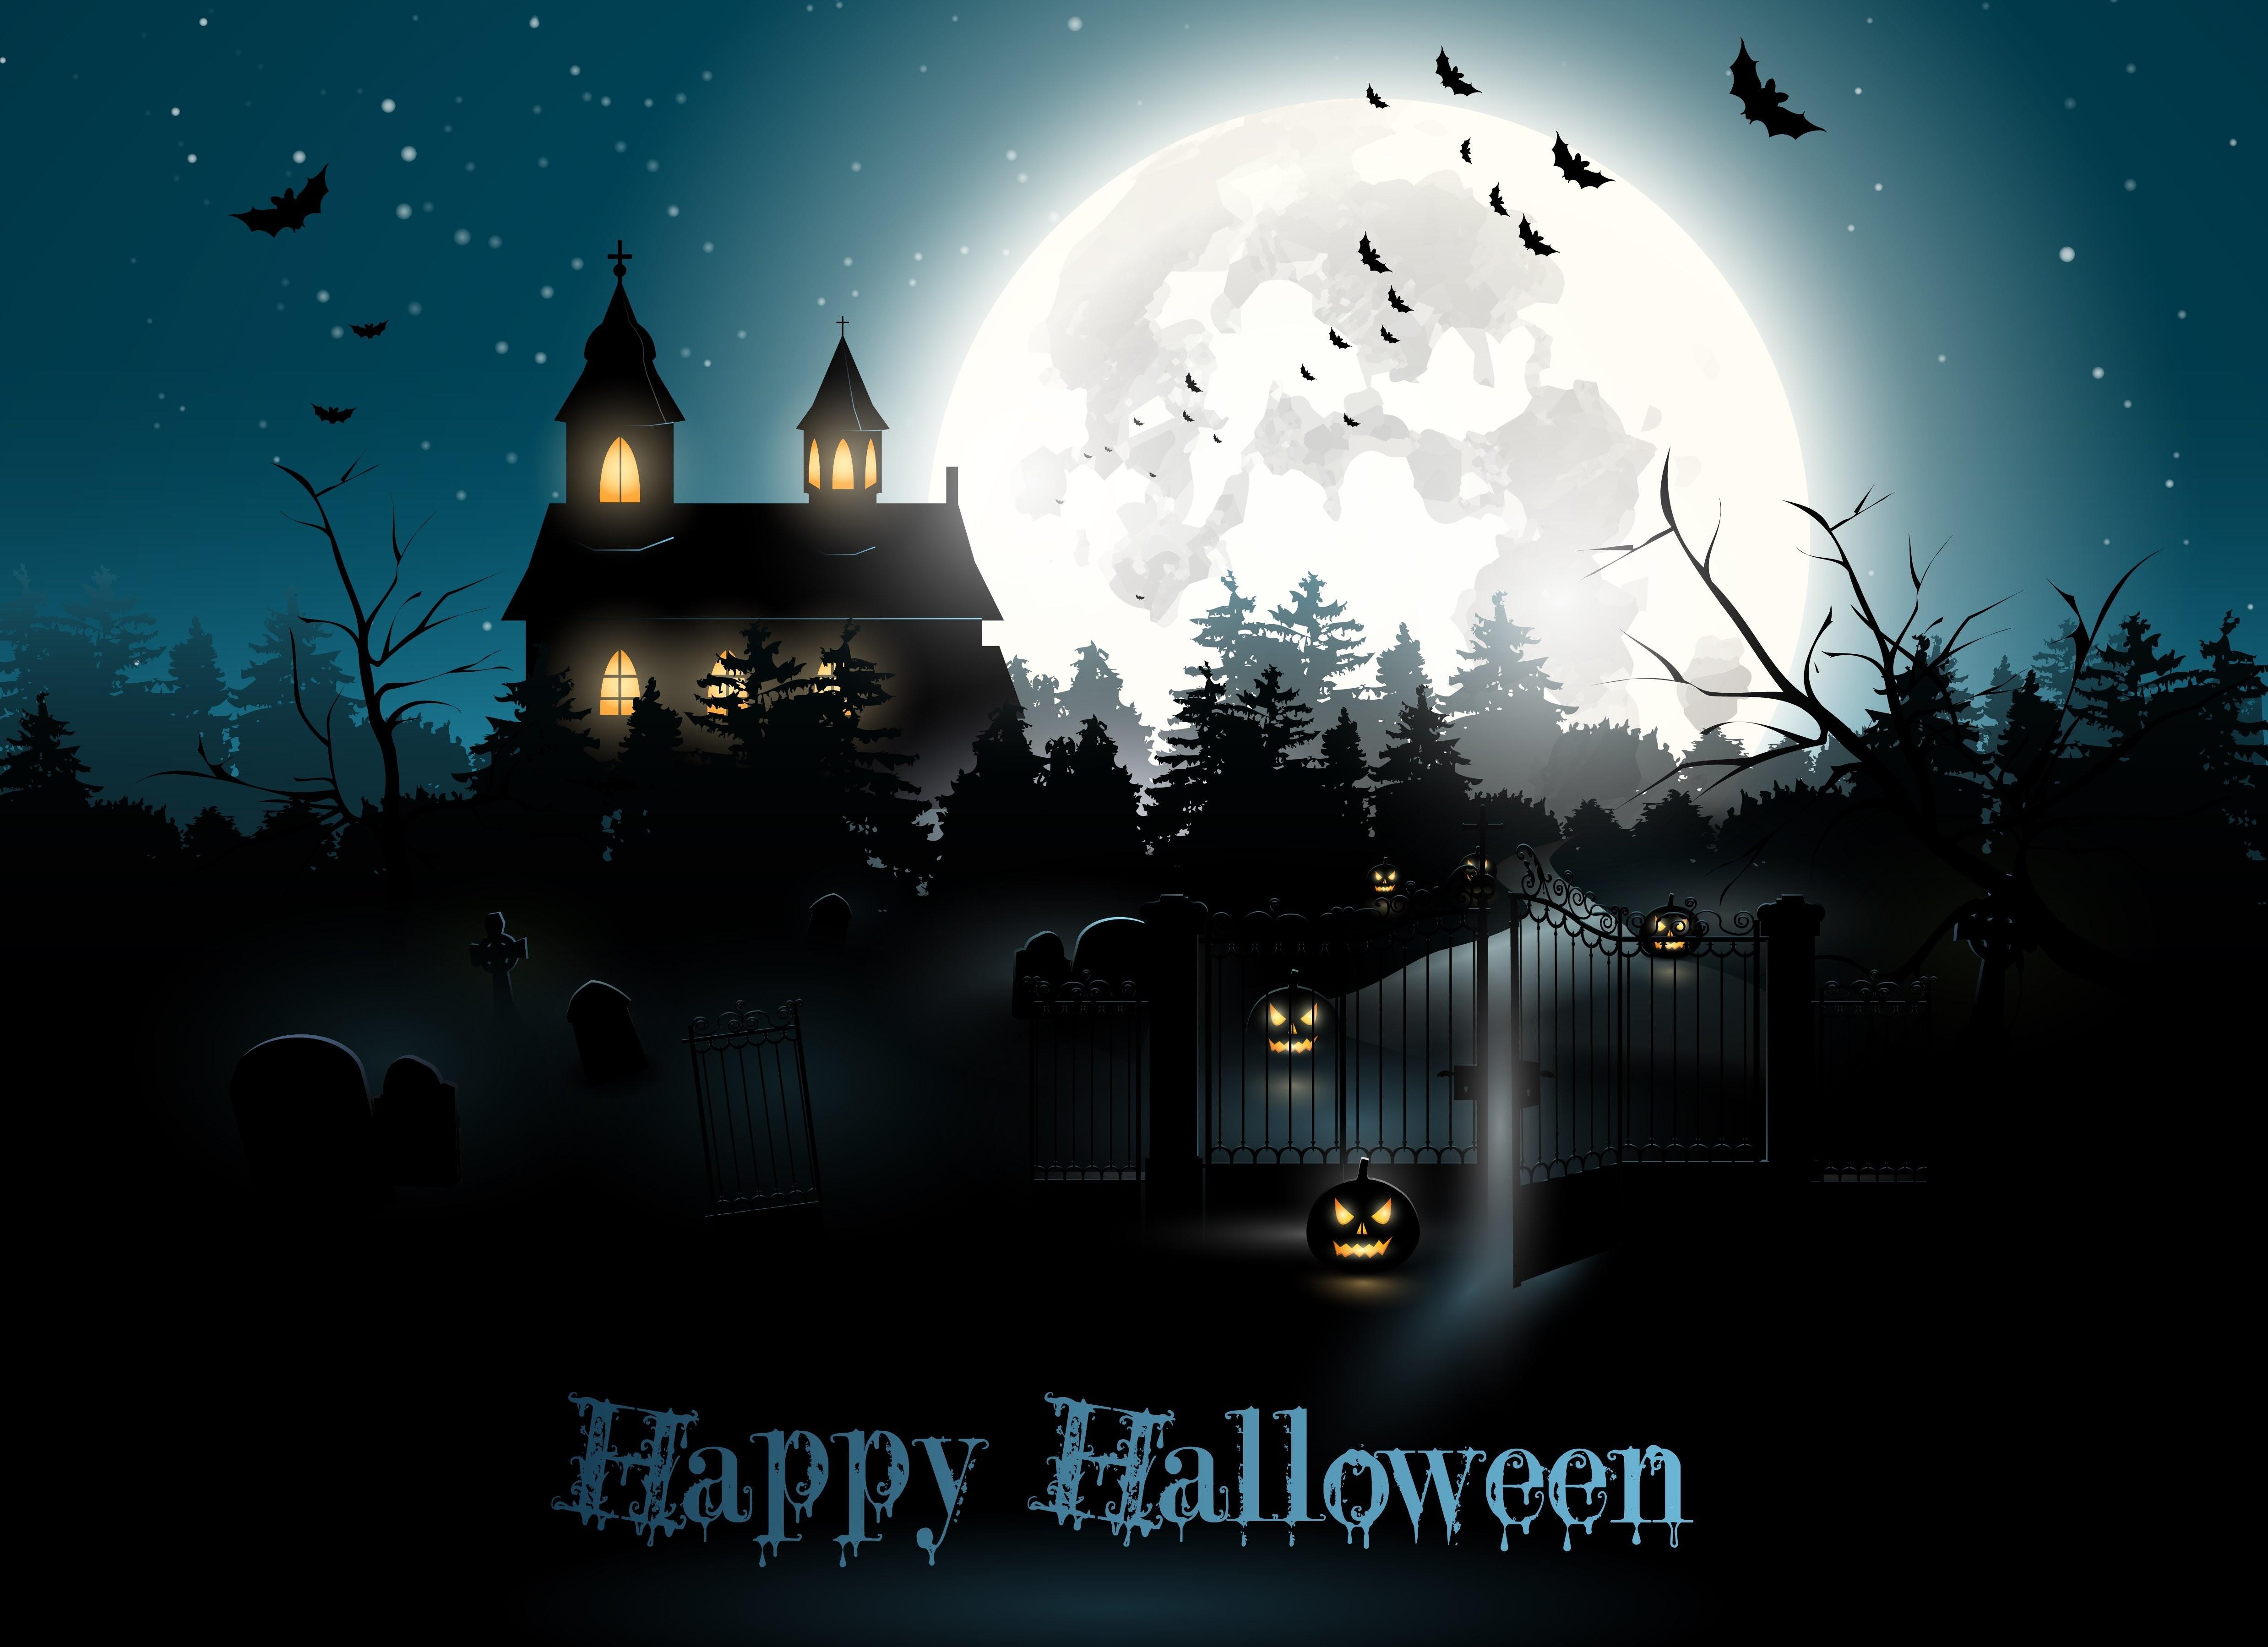 Popular Wallpaper Halloween Haunted - halloween-4953x3597-moon-cemetery-night-pumpkin-6025  Trends_72424.jpg